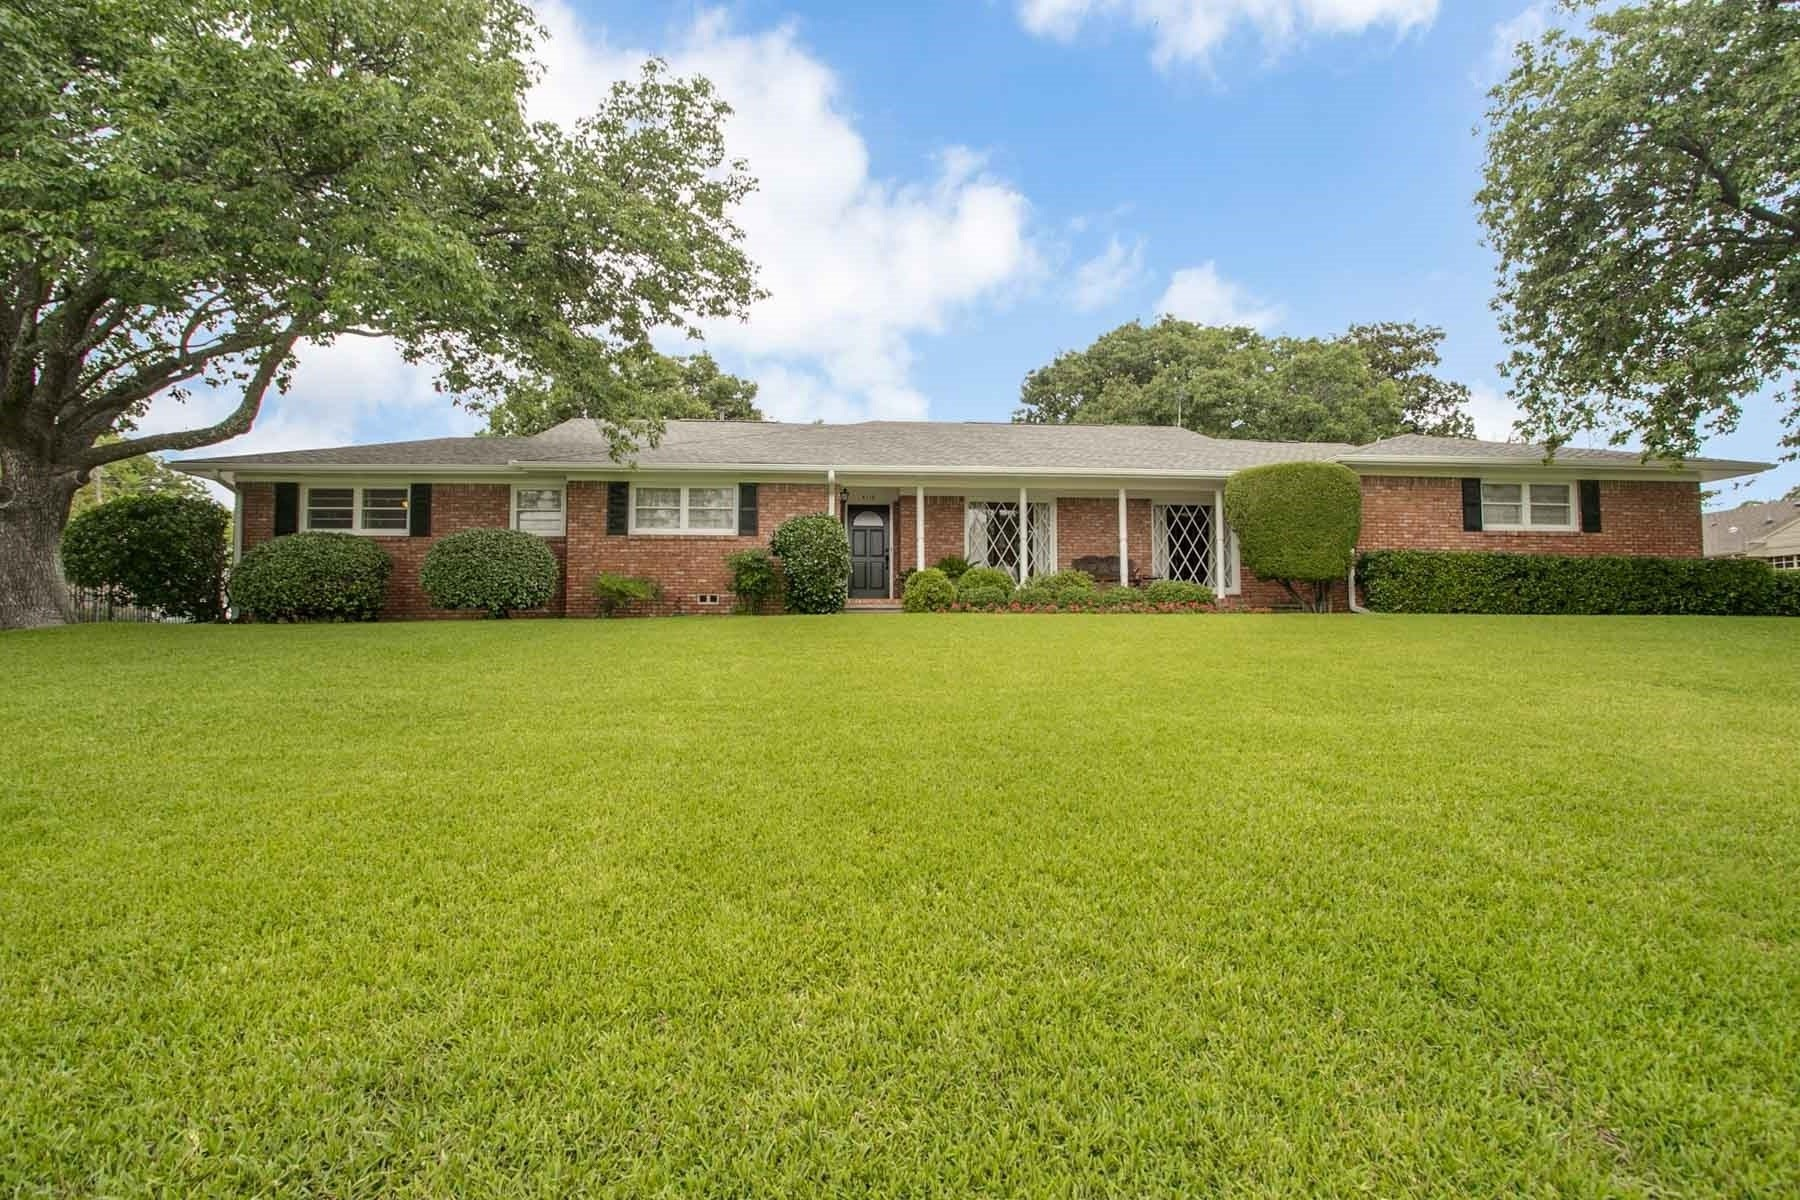 独户住宅 为 销售 在 Westcliff Charmer in Tanglewood 4116 Hildring Drive East 沃斯堡市, 得克萨斯州, 76109 美国